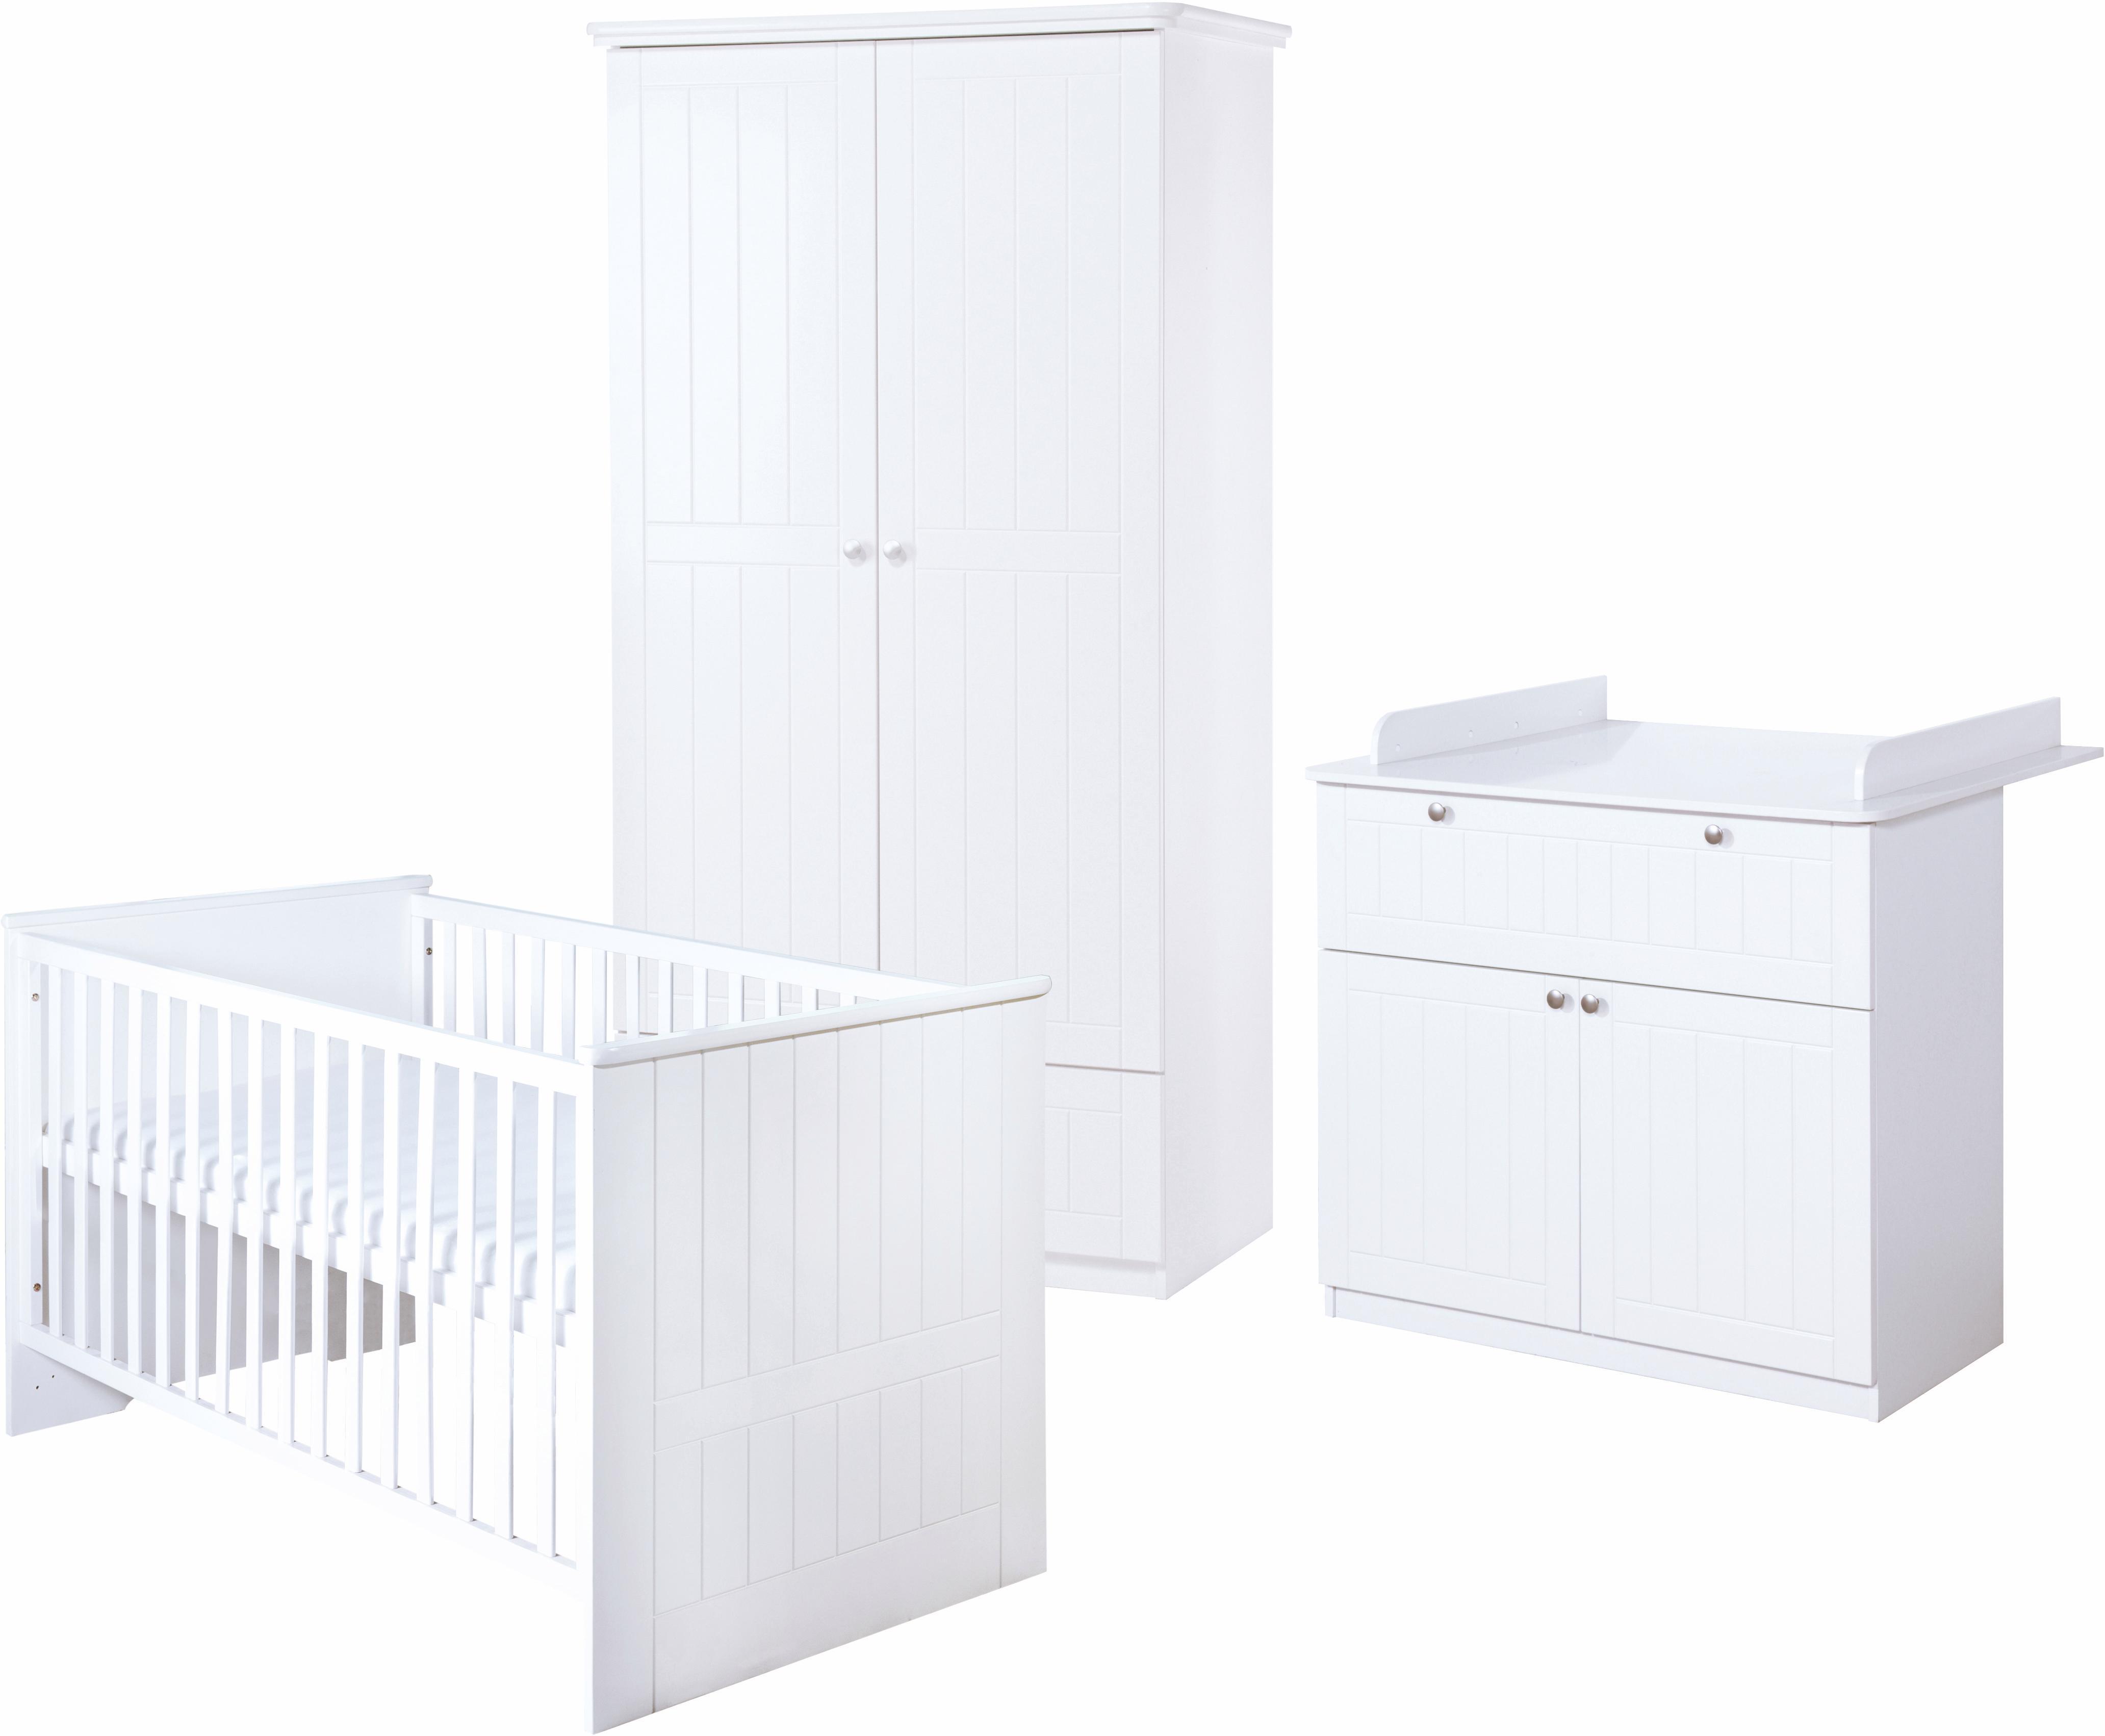 Roba Babyzimmer Set (3-tlg) Kinderzimmer Dreamworld 3 2-türig | Kinderzimmer > Babymöbel > Komplett-Babyzimmer | Weiß | Metall - Abs - Spanplatte - Mdf | Roba